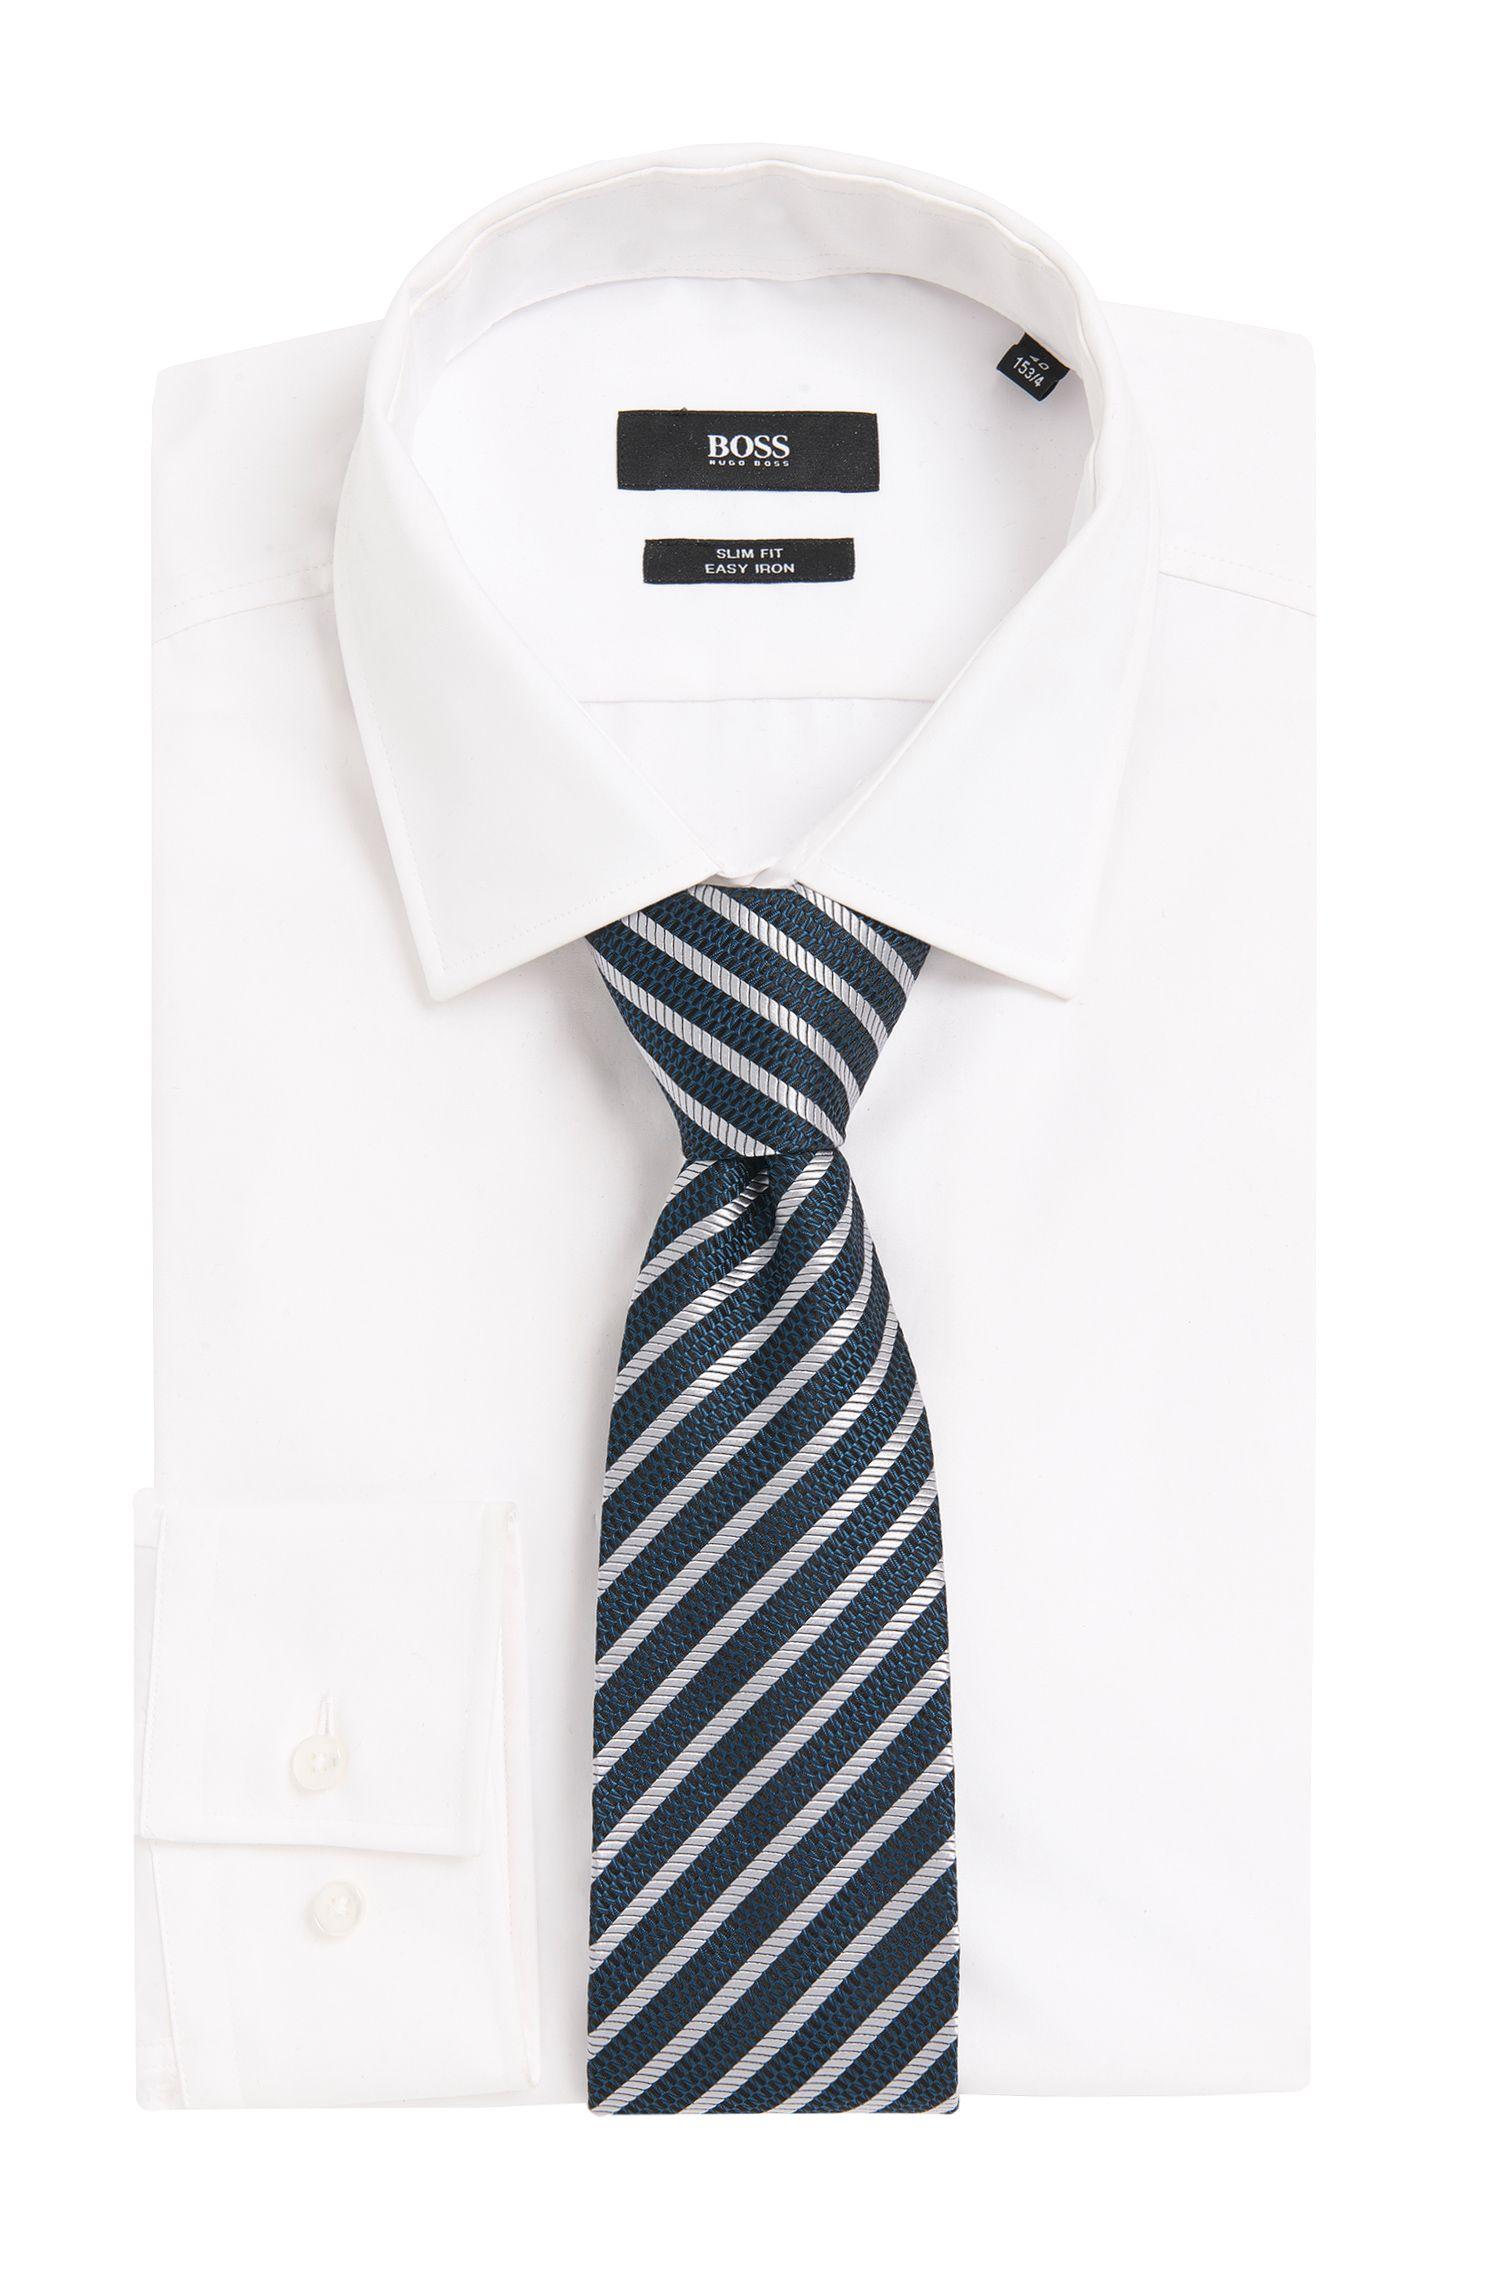 Gestreifte Tailored Krawatte aus reiner Seide: 'T-Tie 7,5 cm'